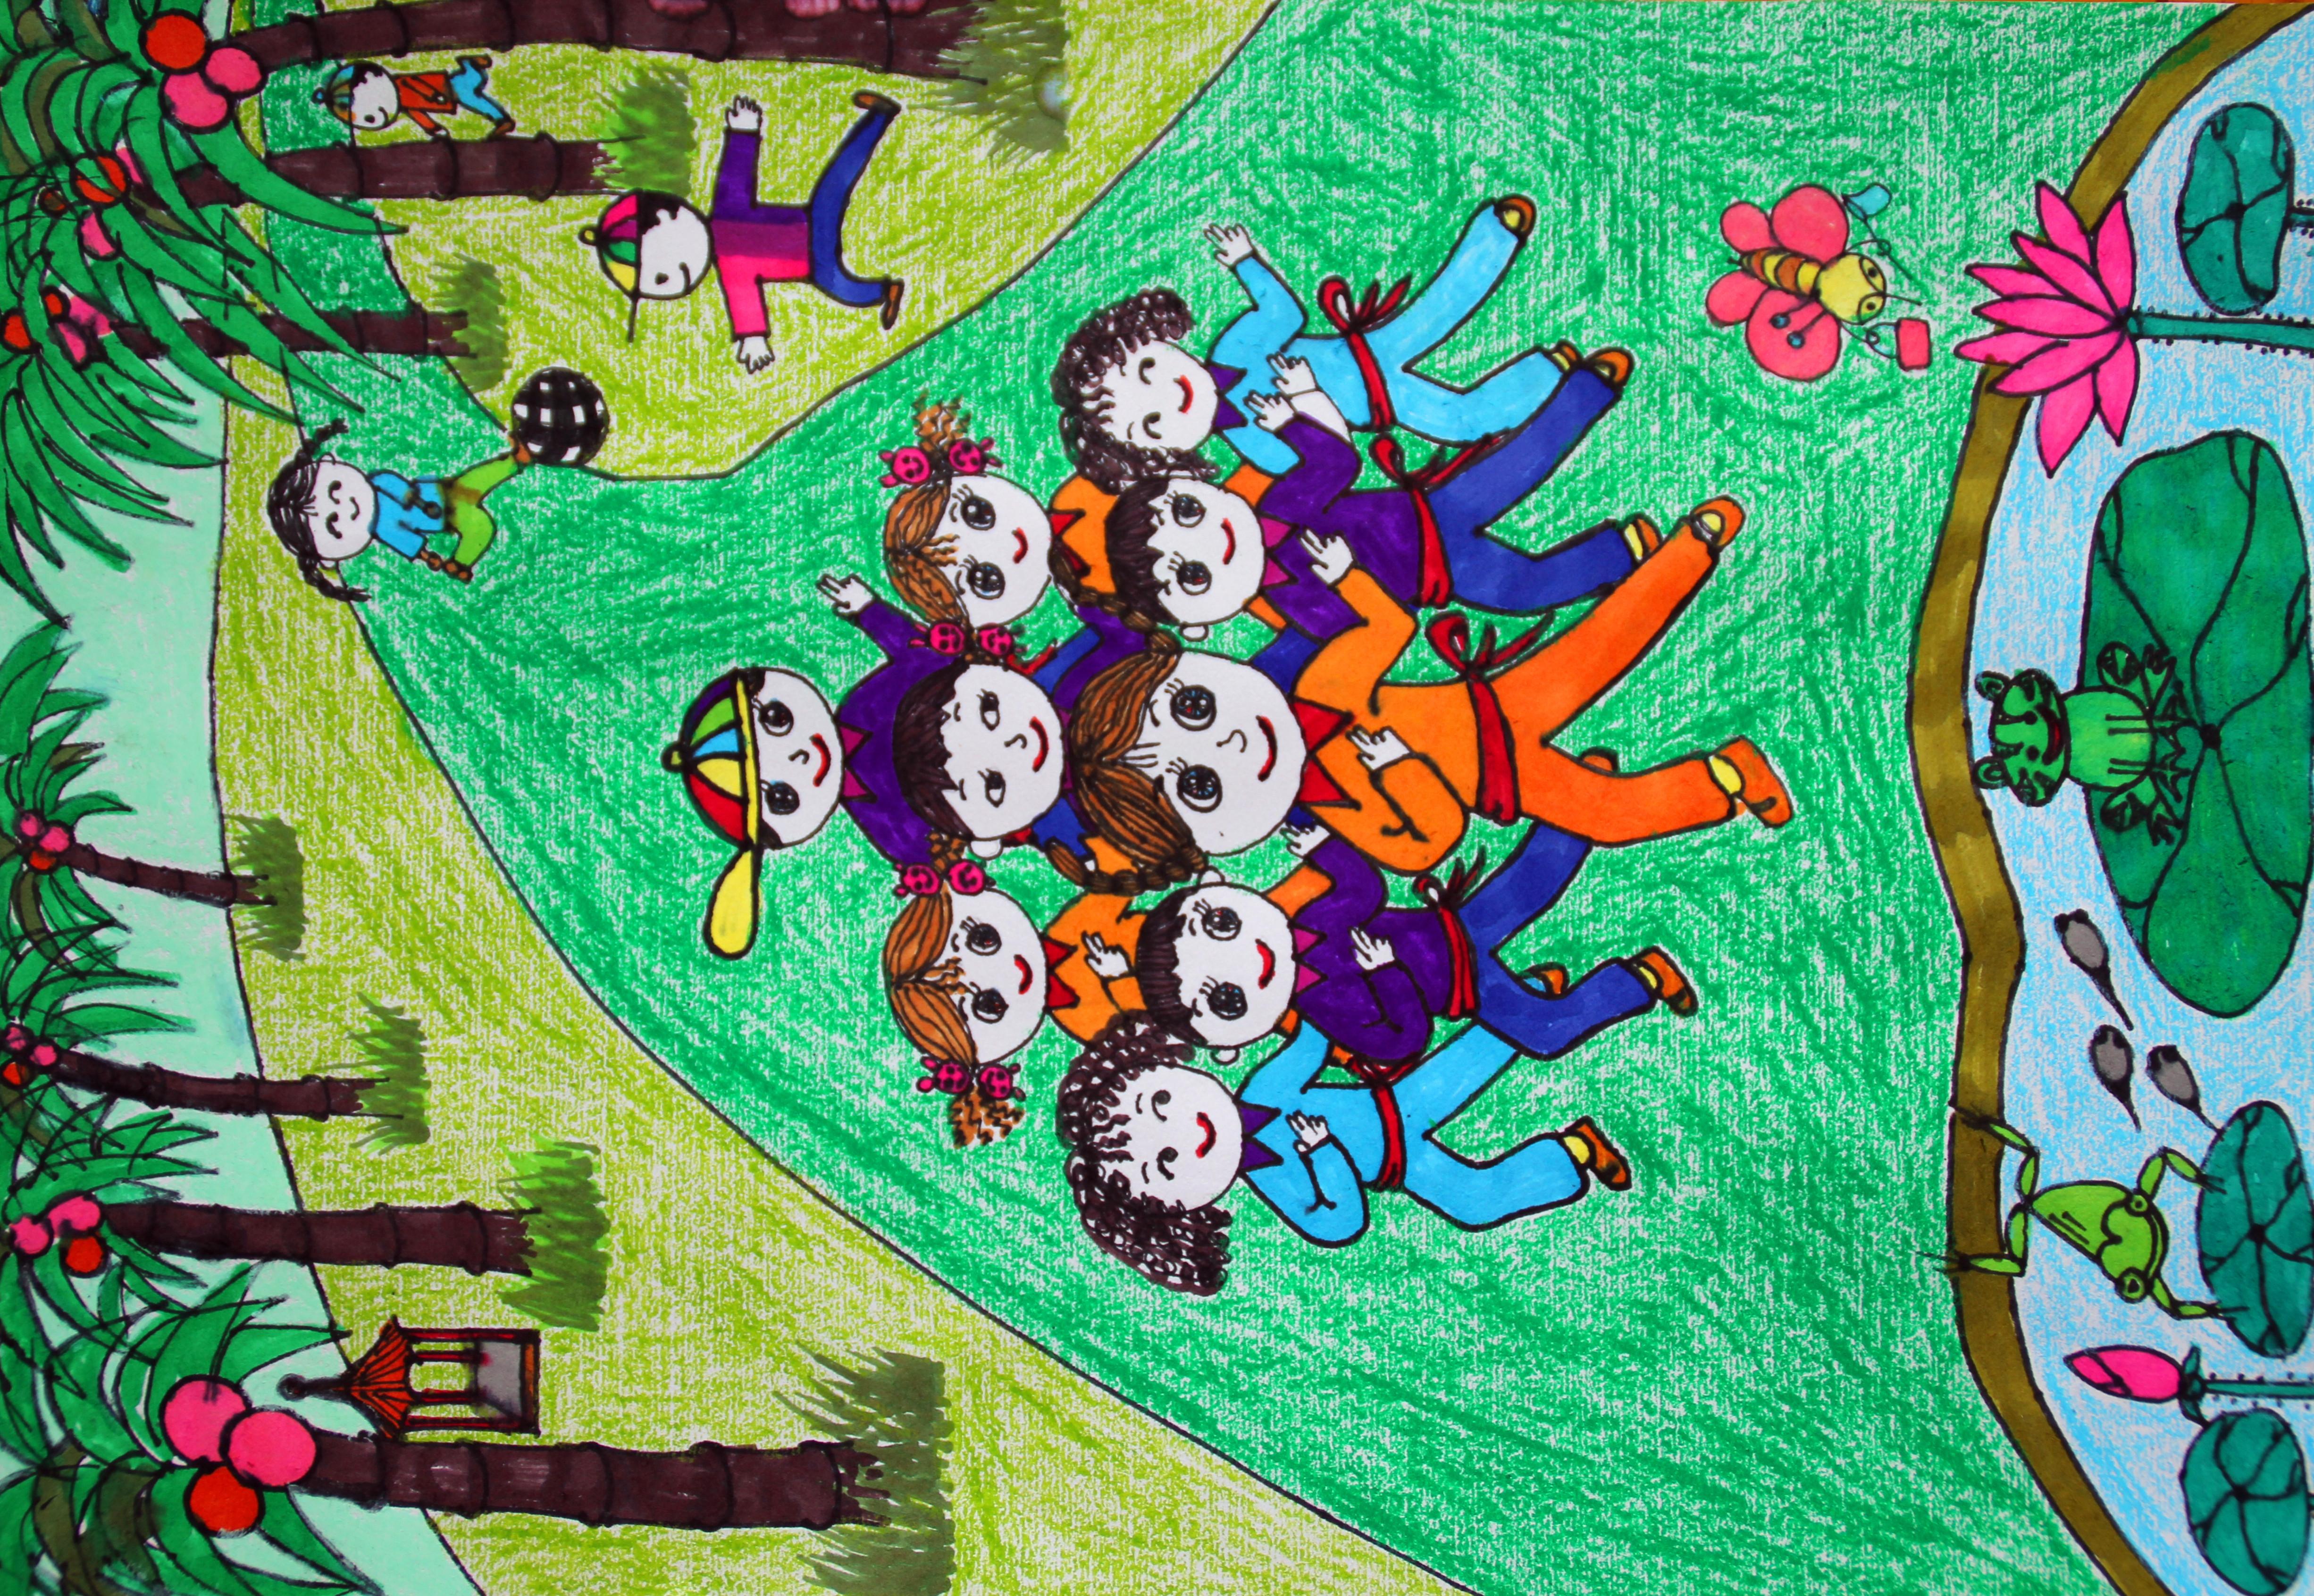 而活泼,可爱,朝气蓬勃的小朋友们做着各种各样的运动,迎接伦敦奥运的